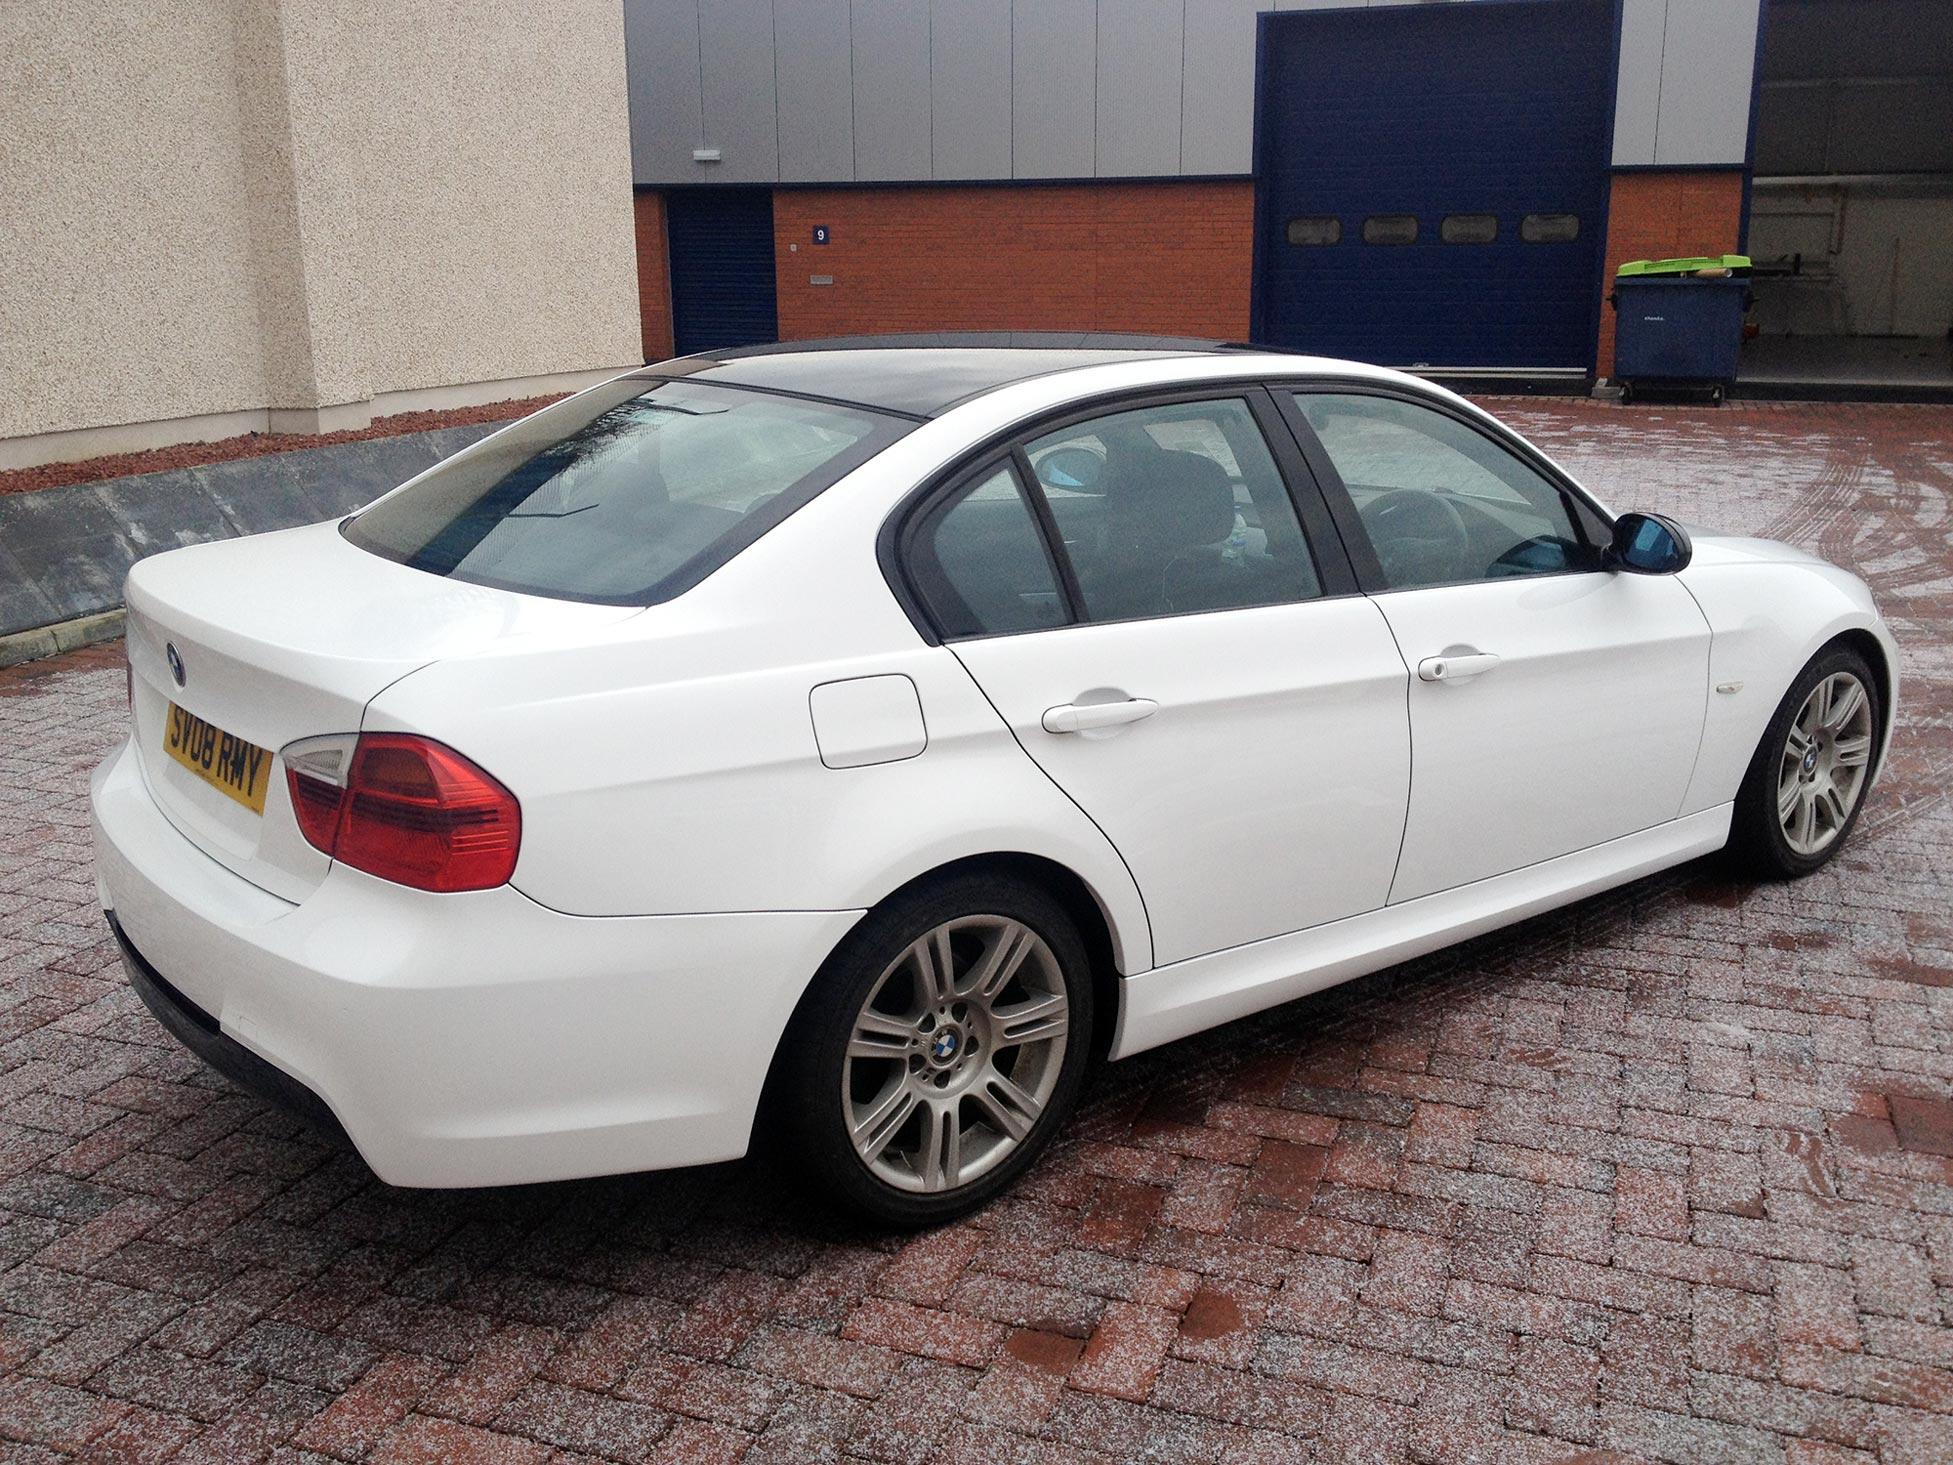 Gloss White Vinyl Wrap On BMW 3 Series Saloon